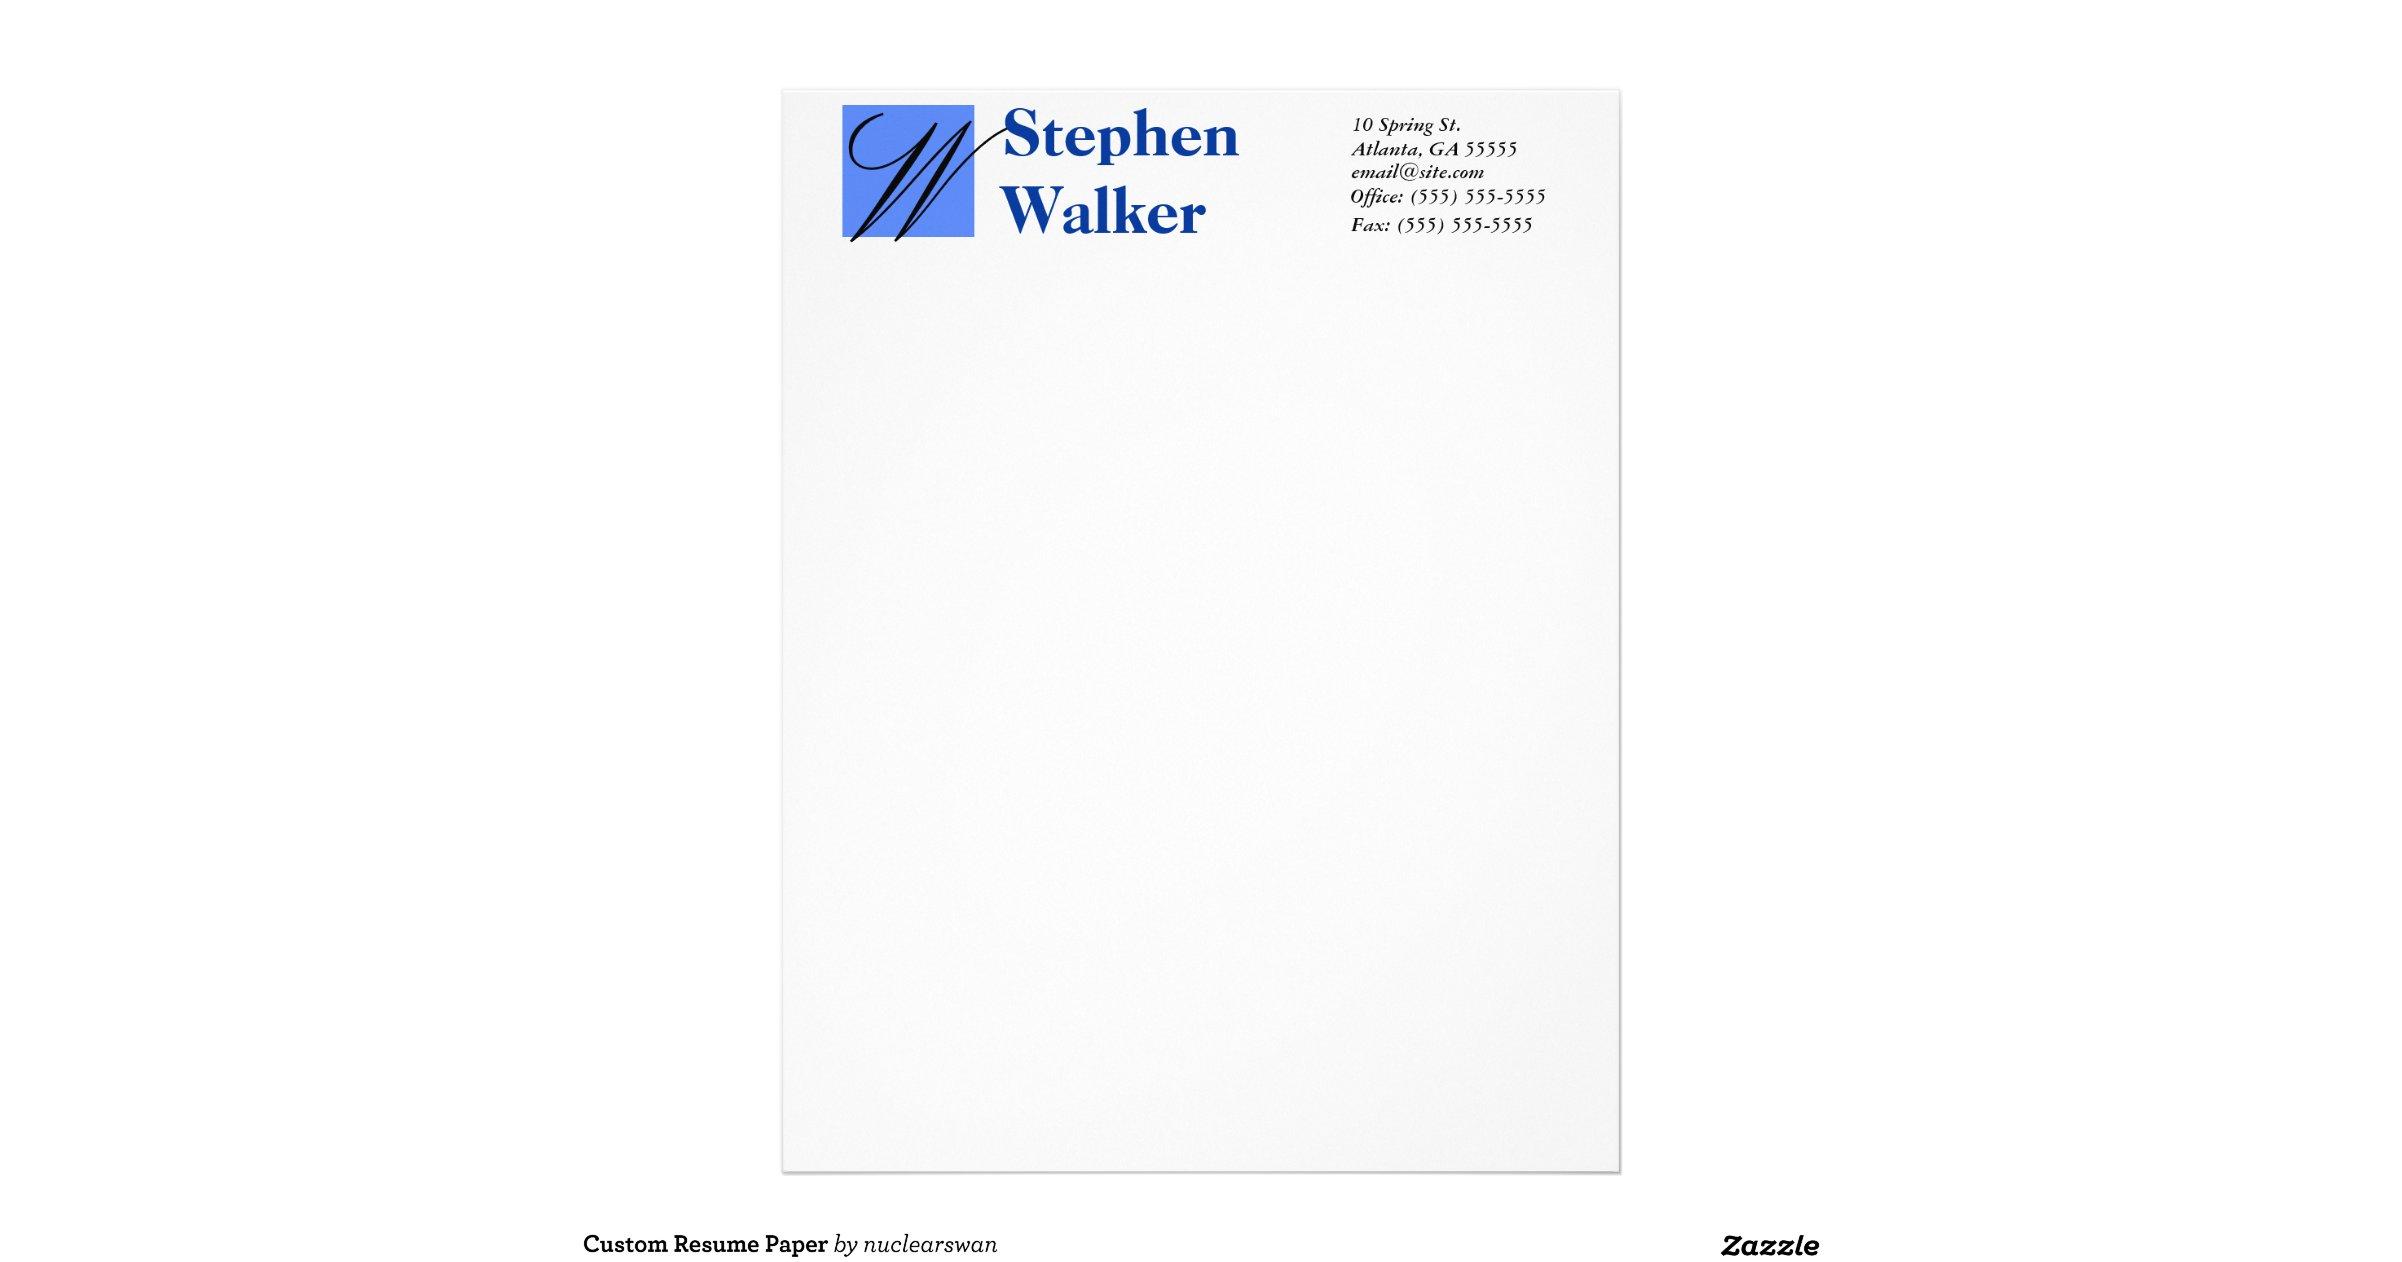 custom resume paper letterhead